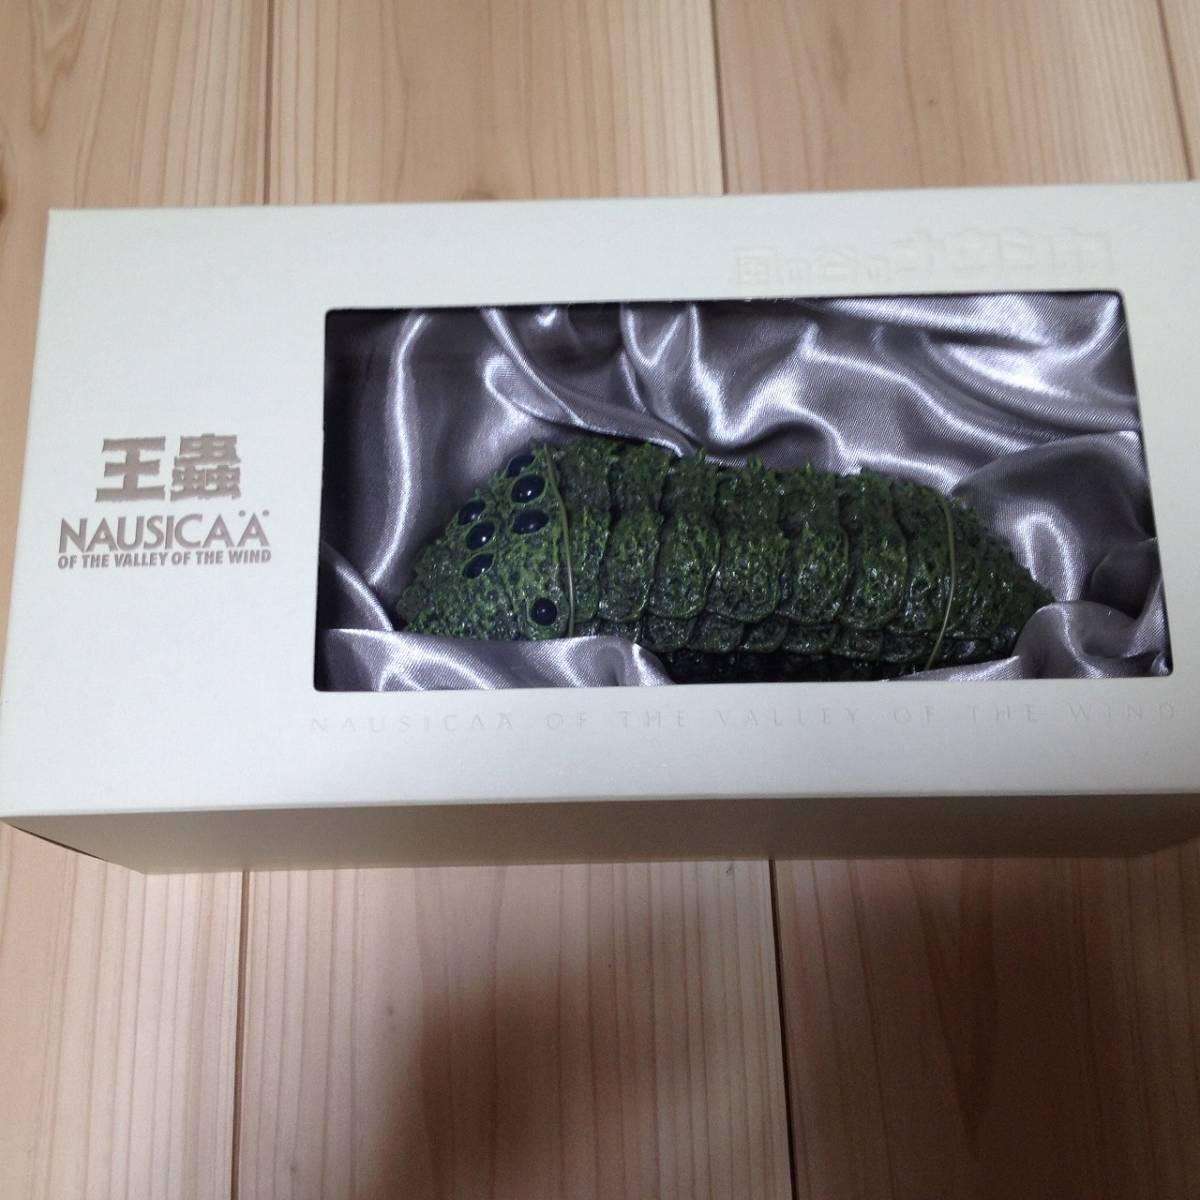 風の谷のナウシカ 王蟲(オーム)リアル・モデル(FRP製) 陶器製 ナウシカ・フィギュア(_画像2